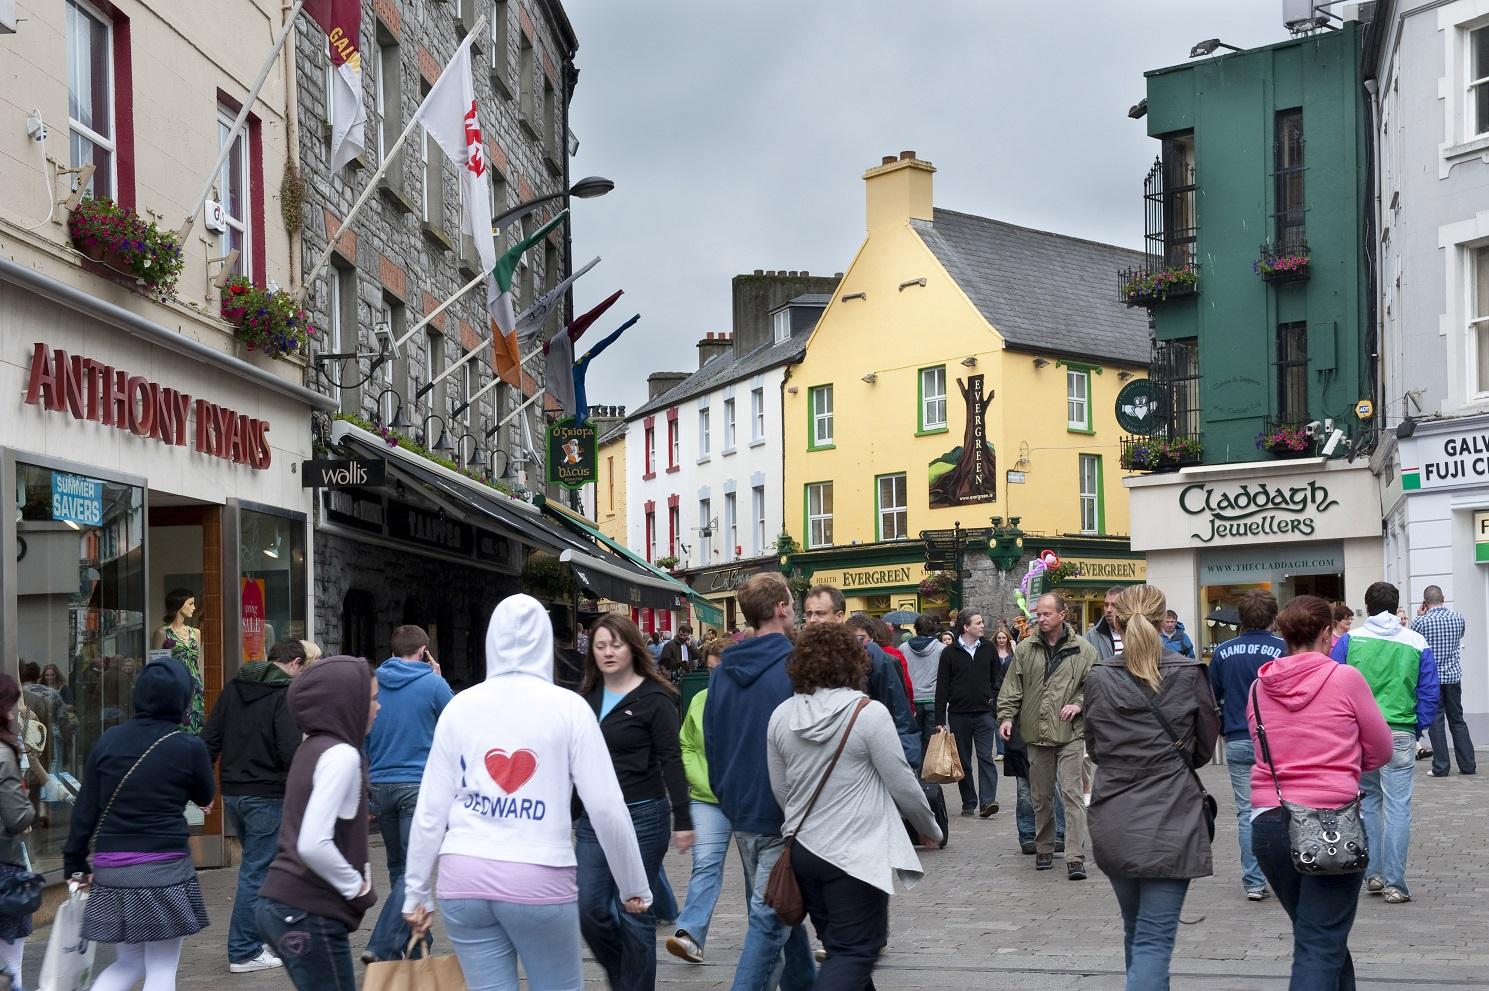 Rua de pedestres na Irlanda, exemplo que vem se espalhando por várias partes do mundo. Foto Gilles Lansard/Only World